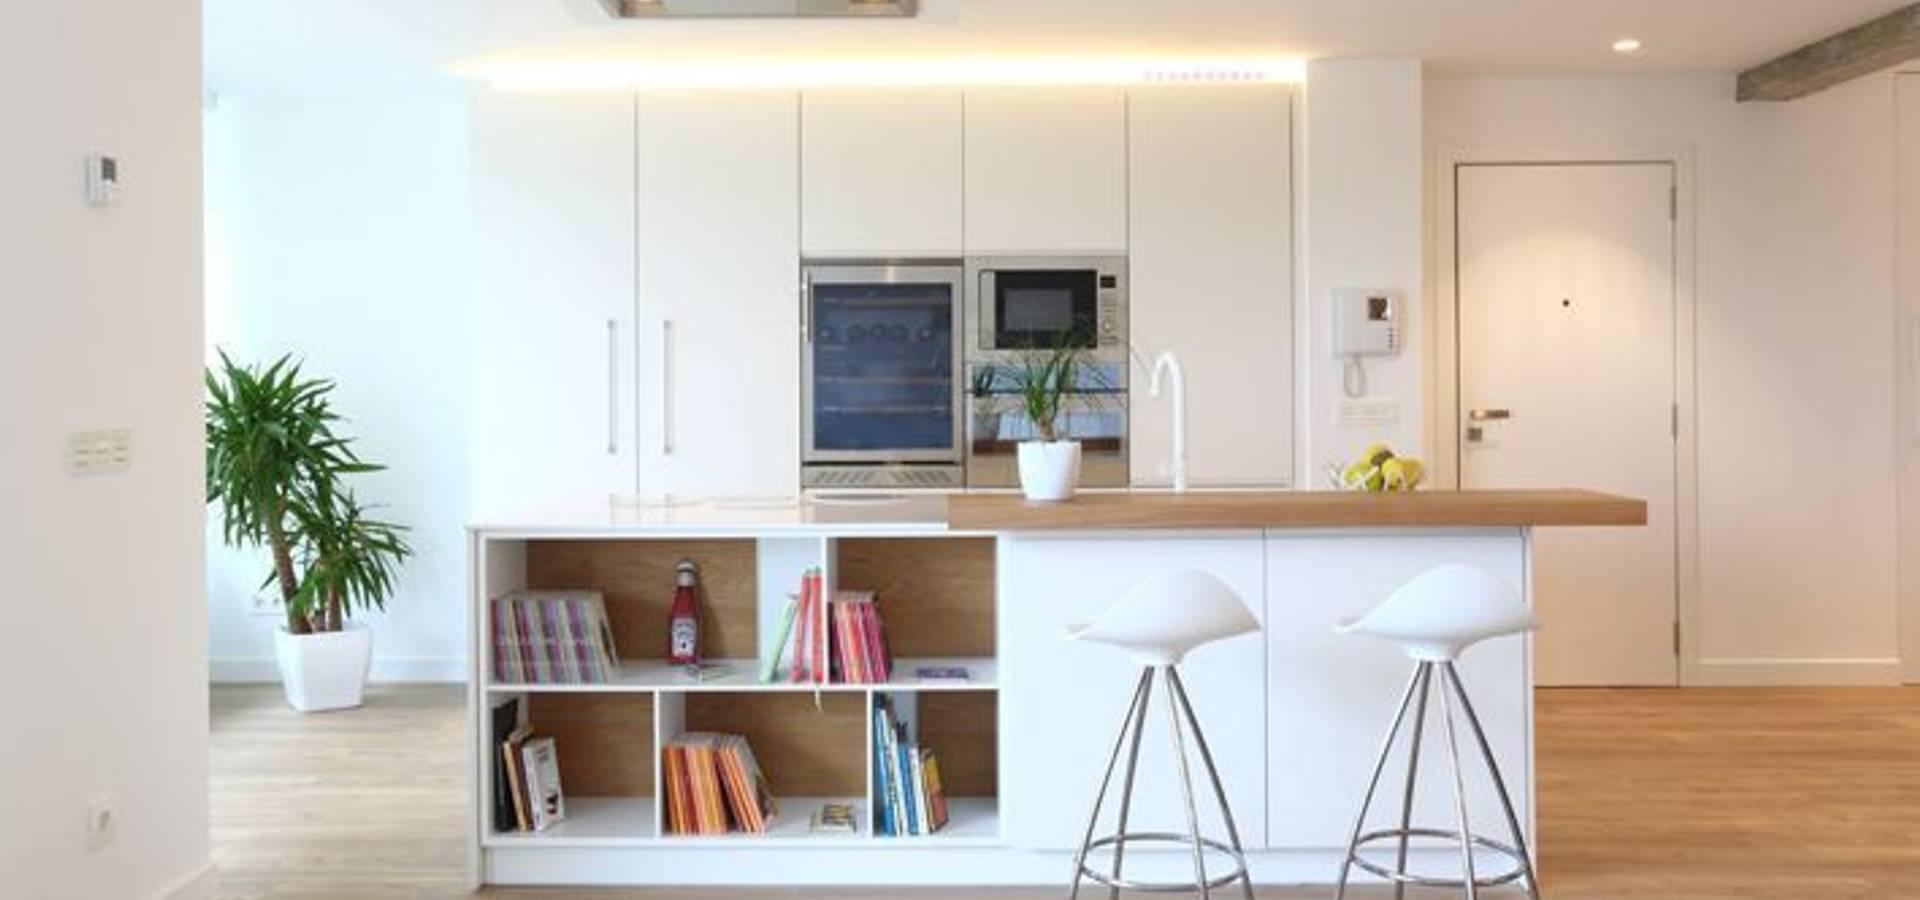 Ilia estudio decoradores y dise adores de interiores en - Disenadoras de interiores ...